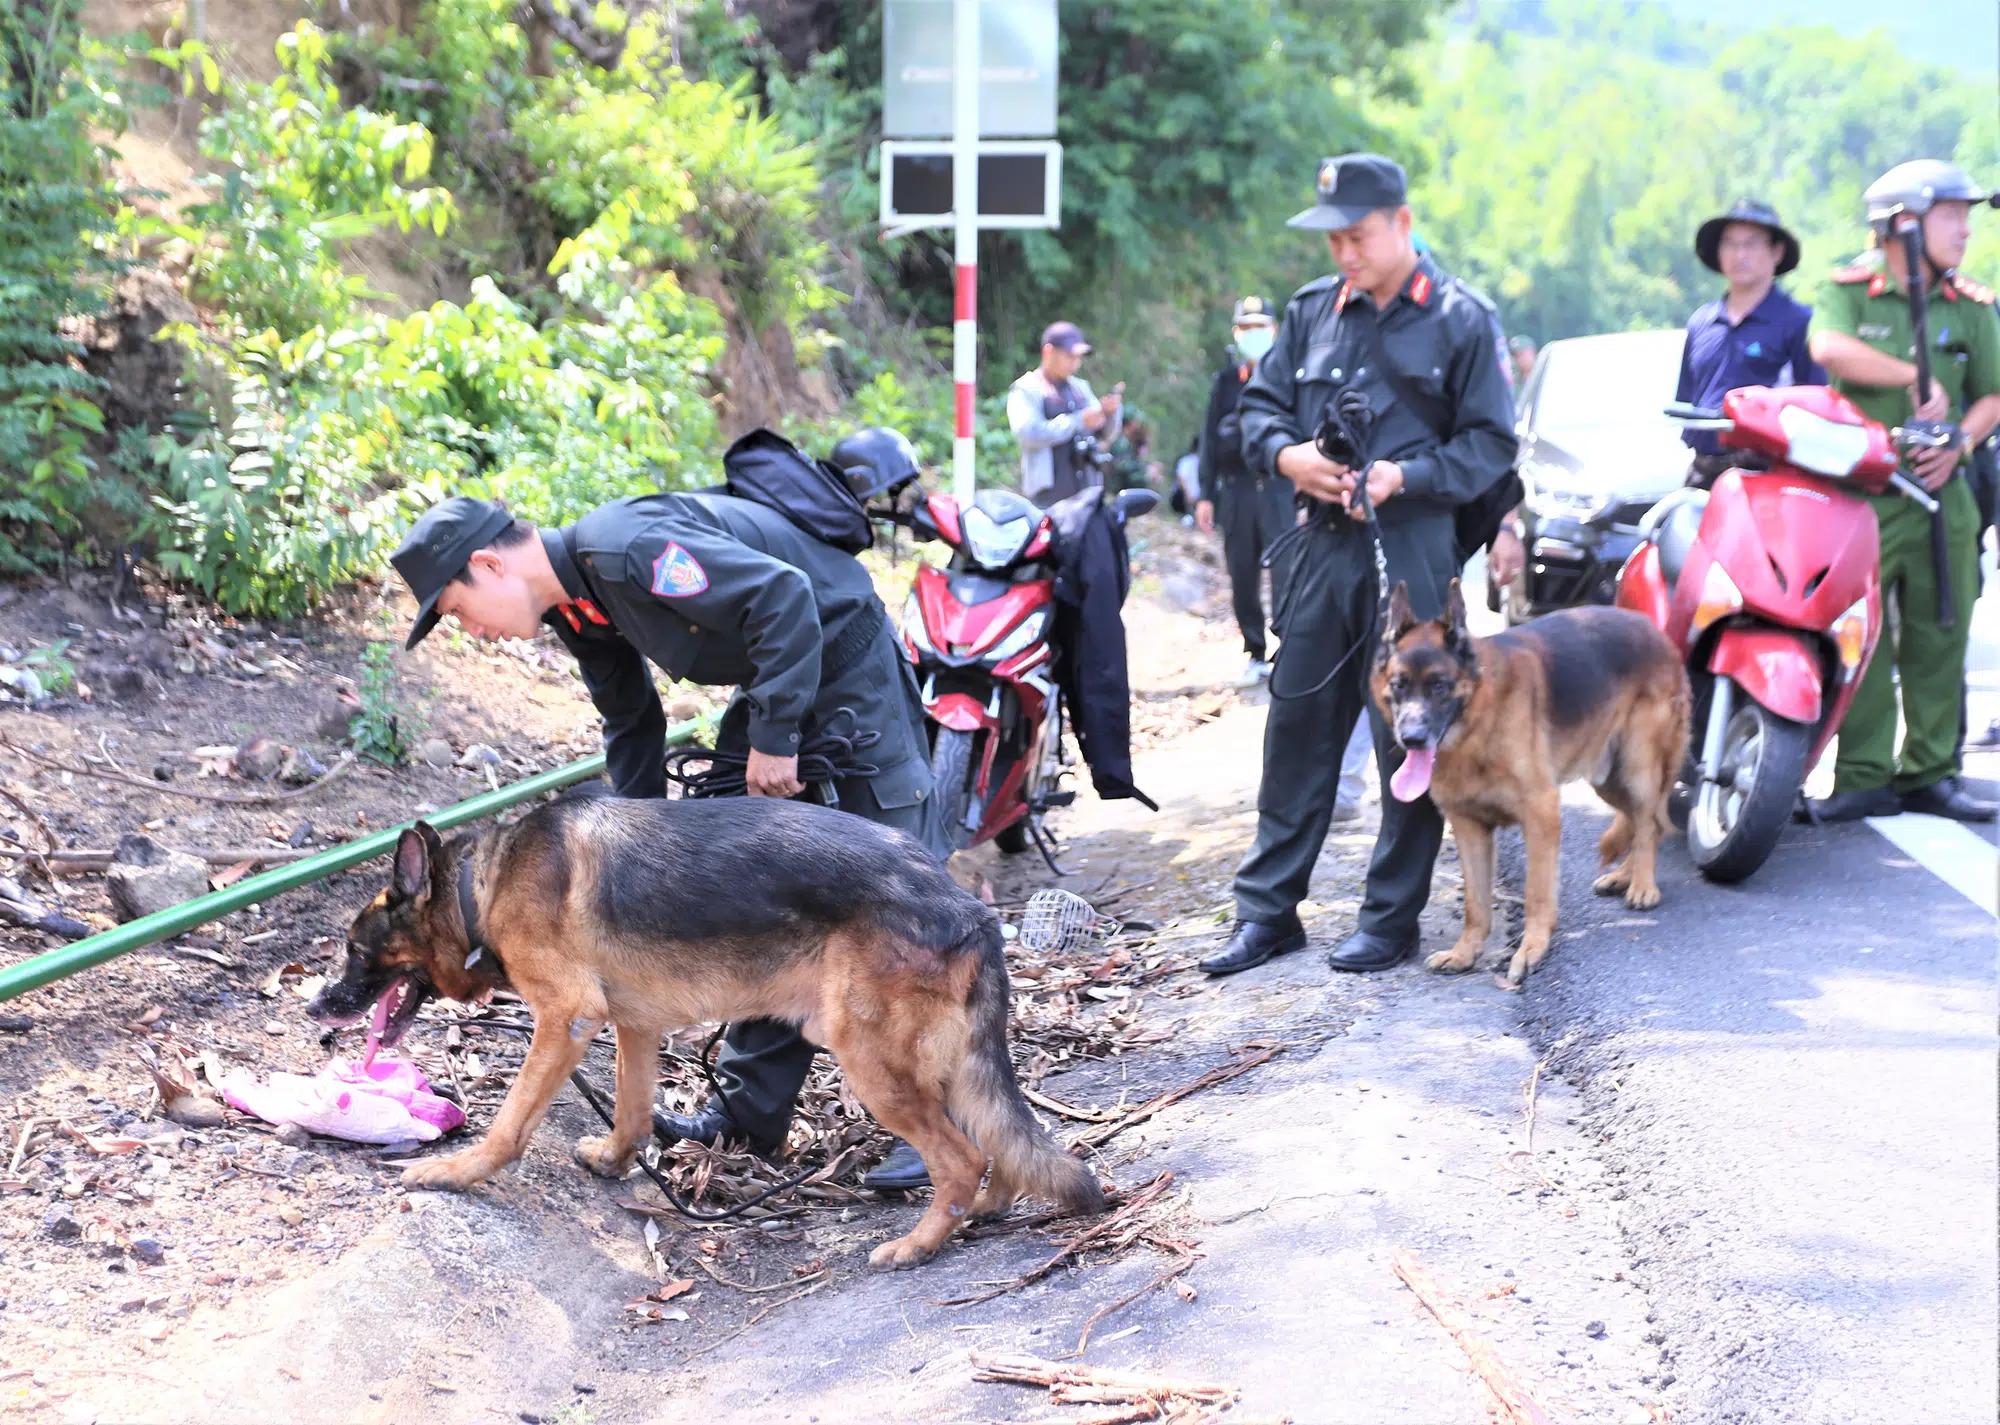 Huy động Cảnh sát cơ động, chó nghiệp vụ vào rừng bắt nghi phạm chém 4 người ở Lạng Sơn - Ảnh 1.